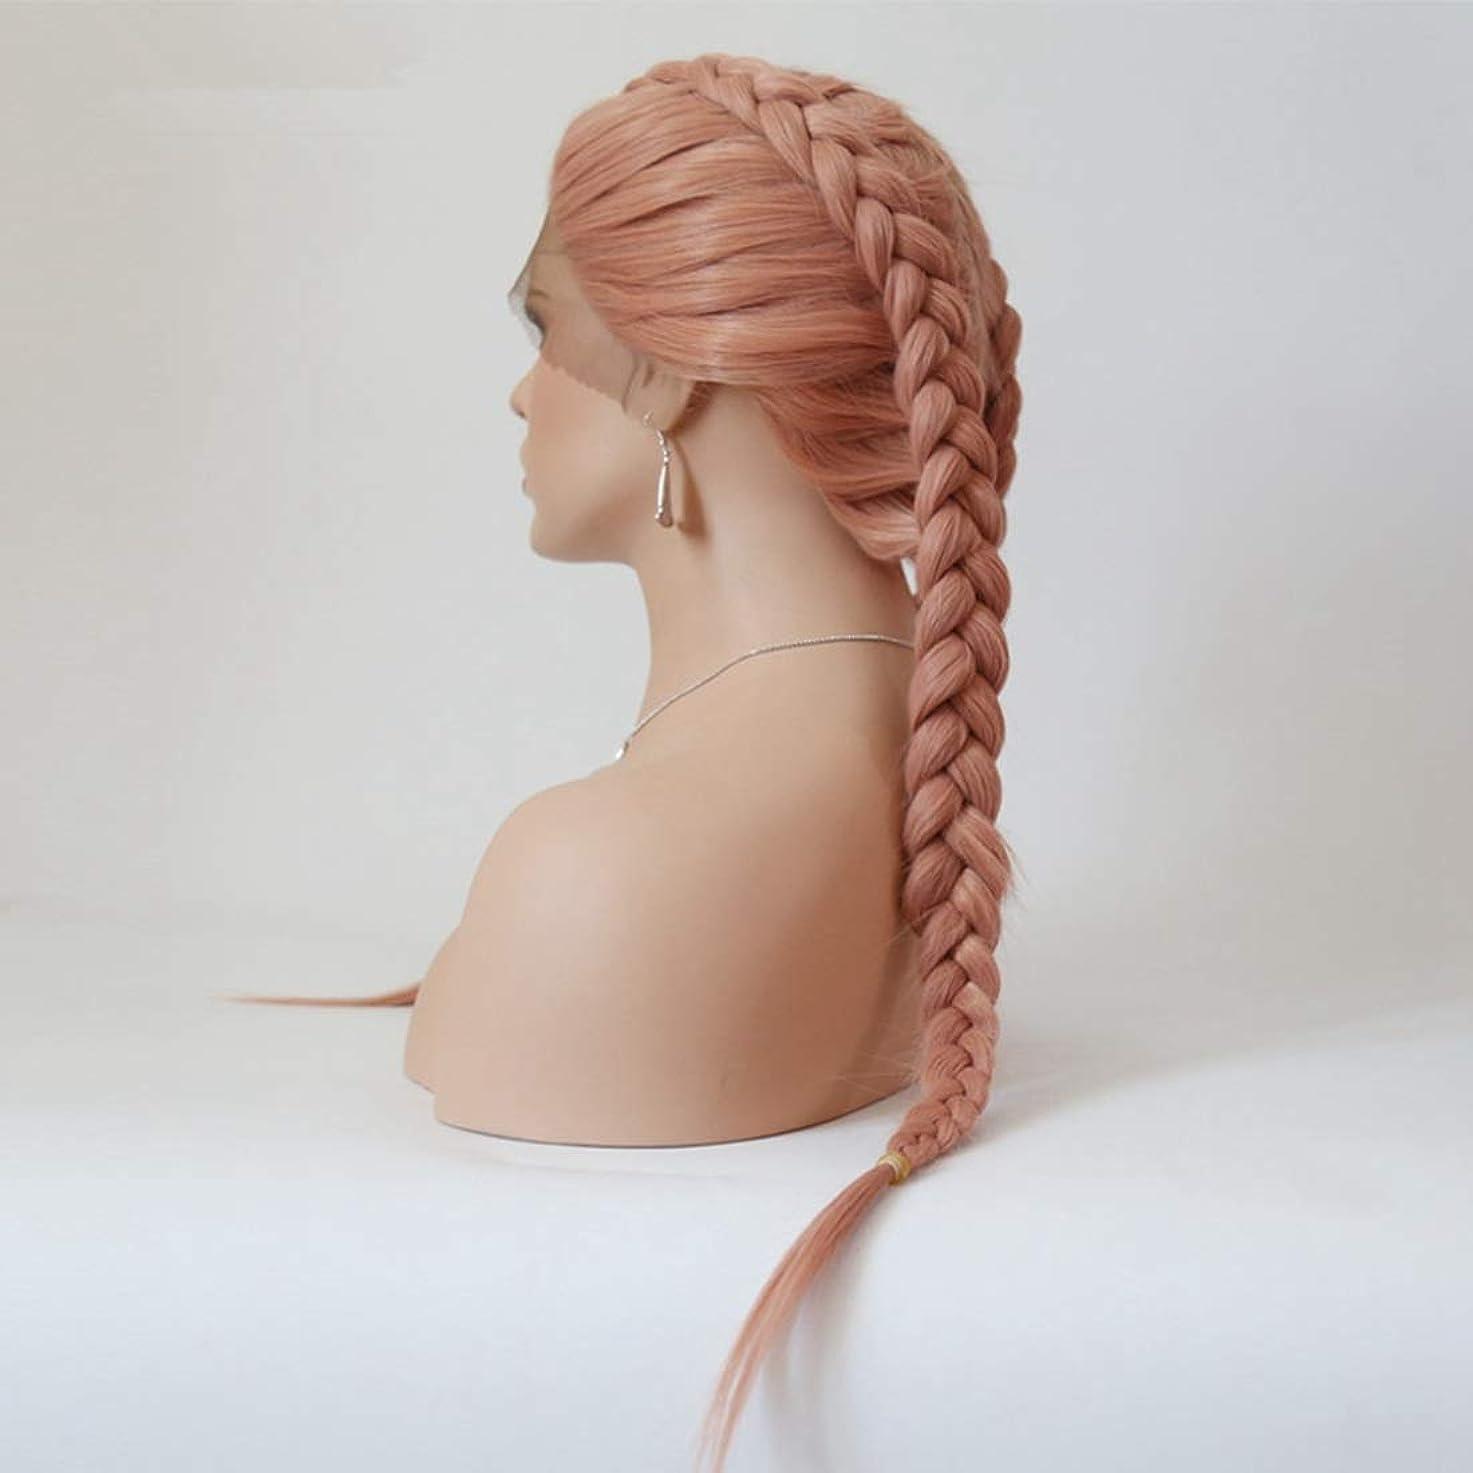 合金投票日没BOBIDYEE フロントレースかつら女性のヨーロッパとアメリカの長いストレートの髪のピンクの化学繊維の髪のサソリの汚れたかつら合成の髪のかつらロールプレイングかつら (サイズ : 18 inches)